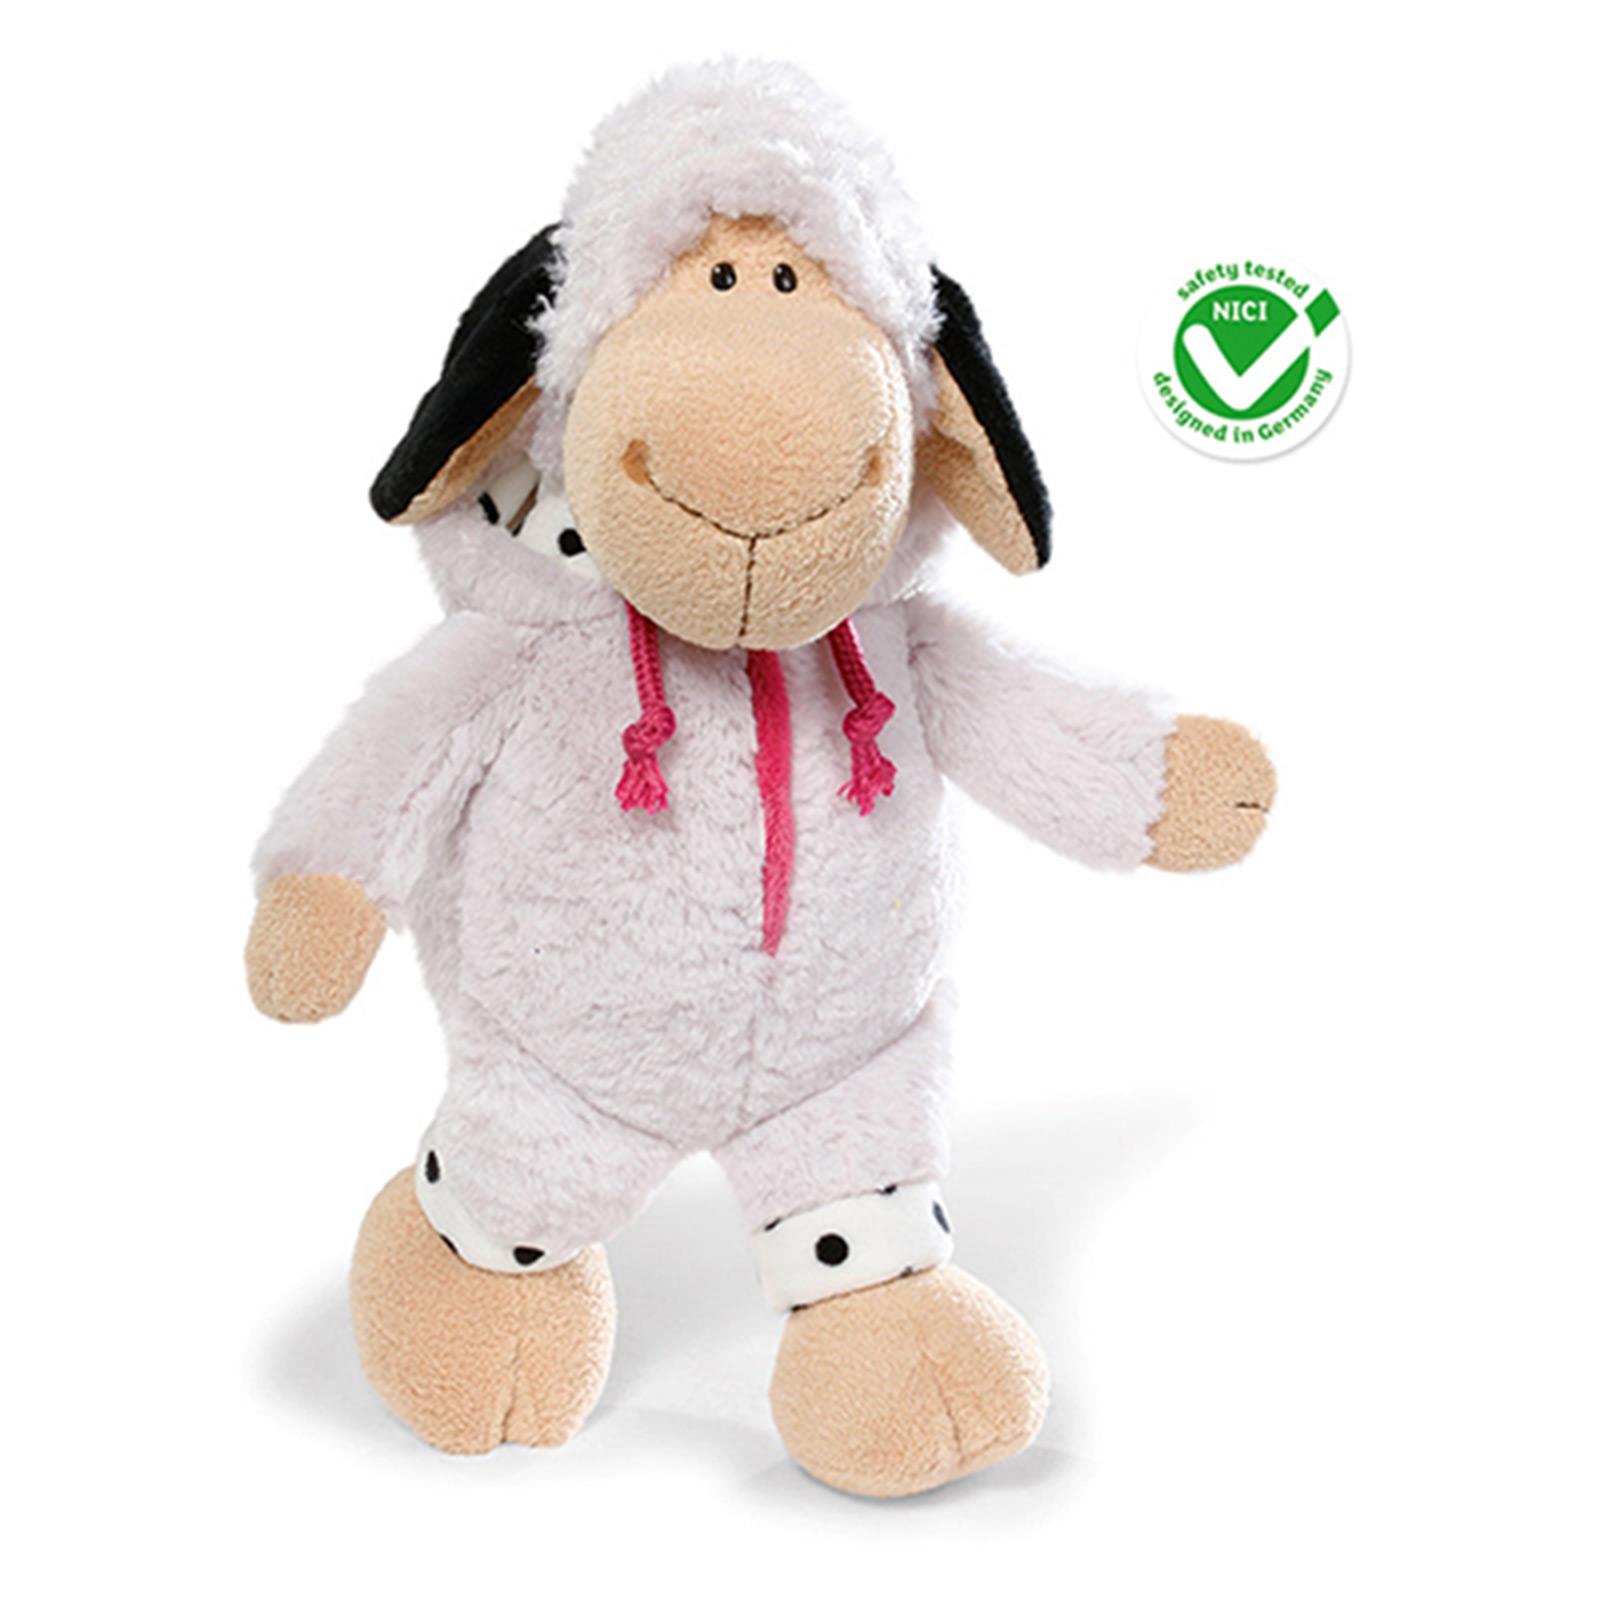 nici sheep jolly mah tessa germany plush stuffed animal